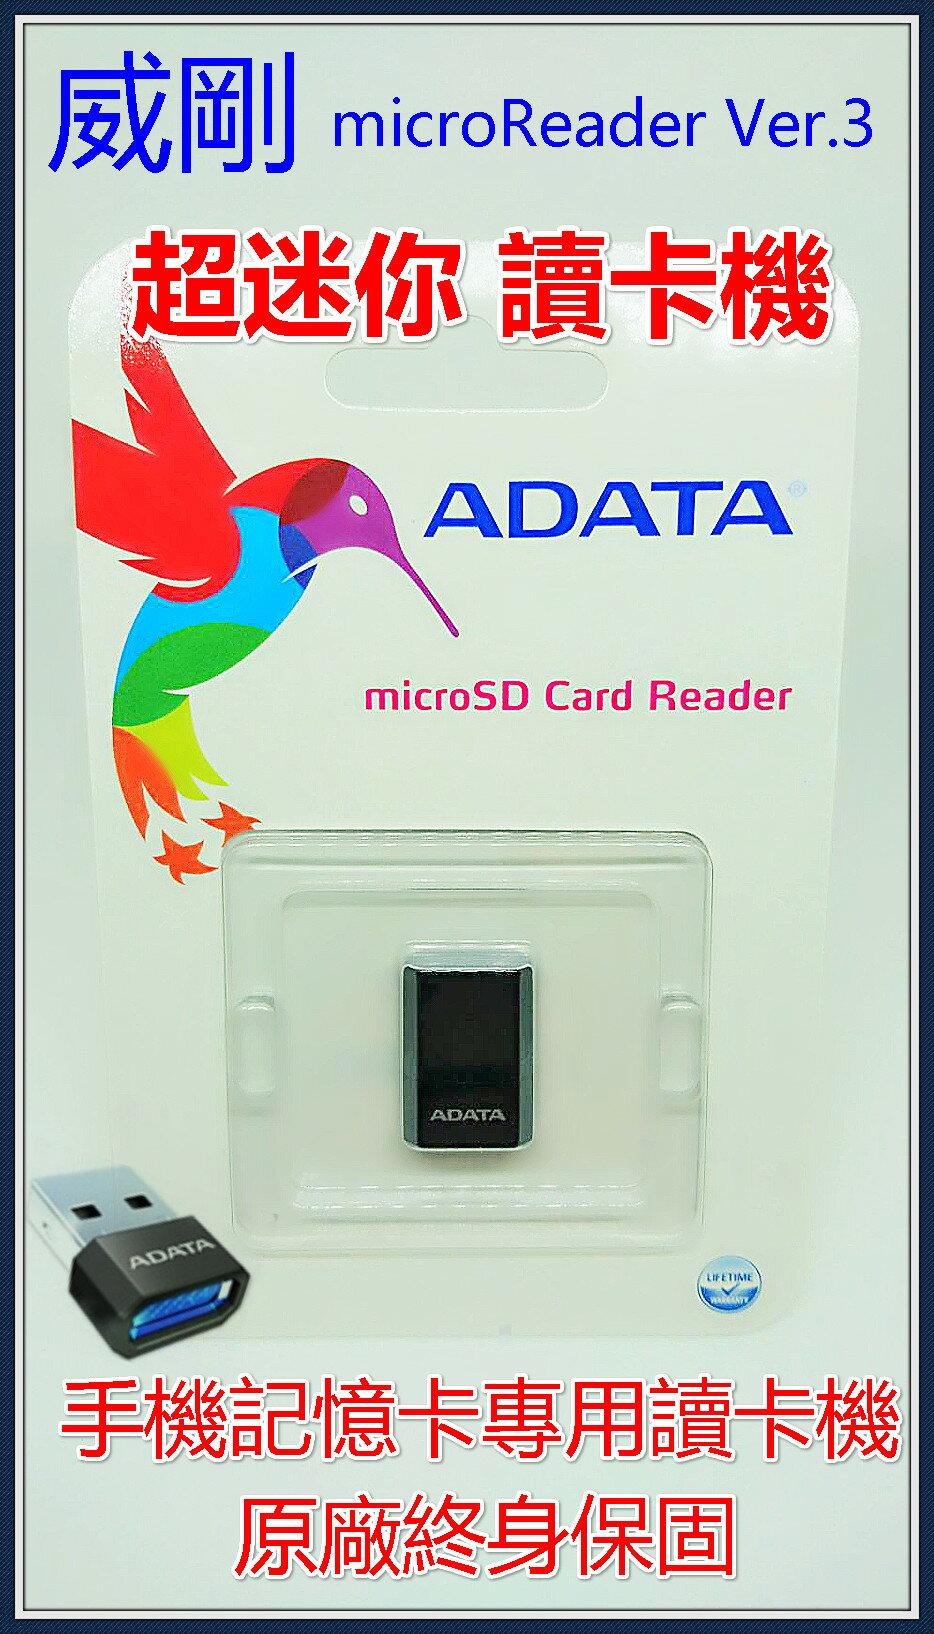 ?含發票?團購價?威剛 ADATA 迷你讀卡機 手機記憶卡專用?終身保固?台灣精品?電腦周邊?手機周邊?記憶卡?USB?SD卡